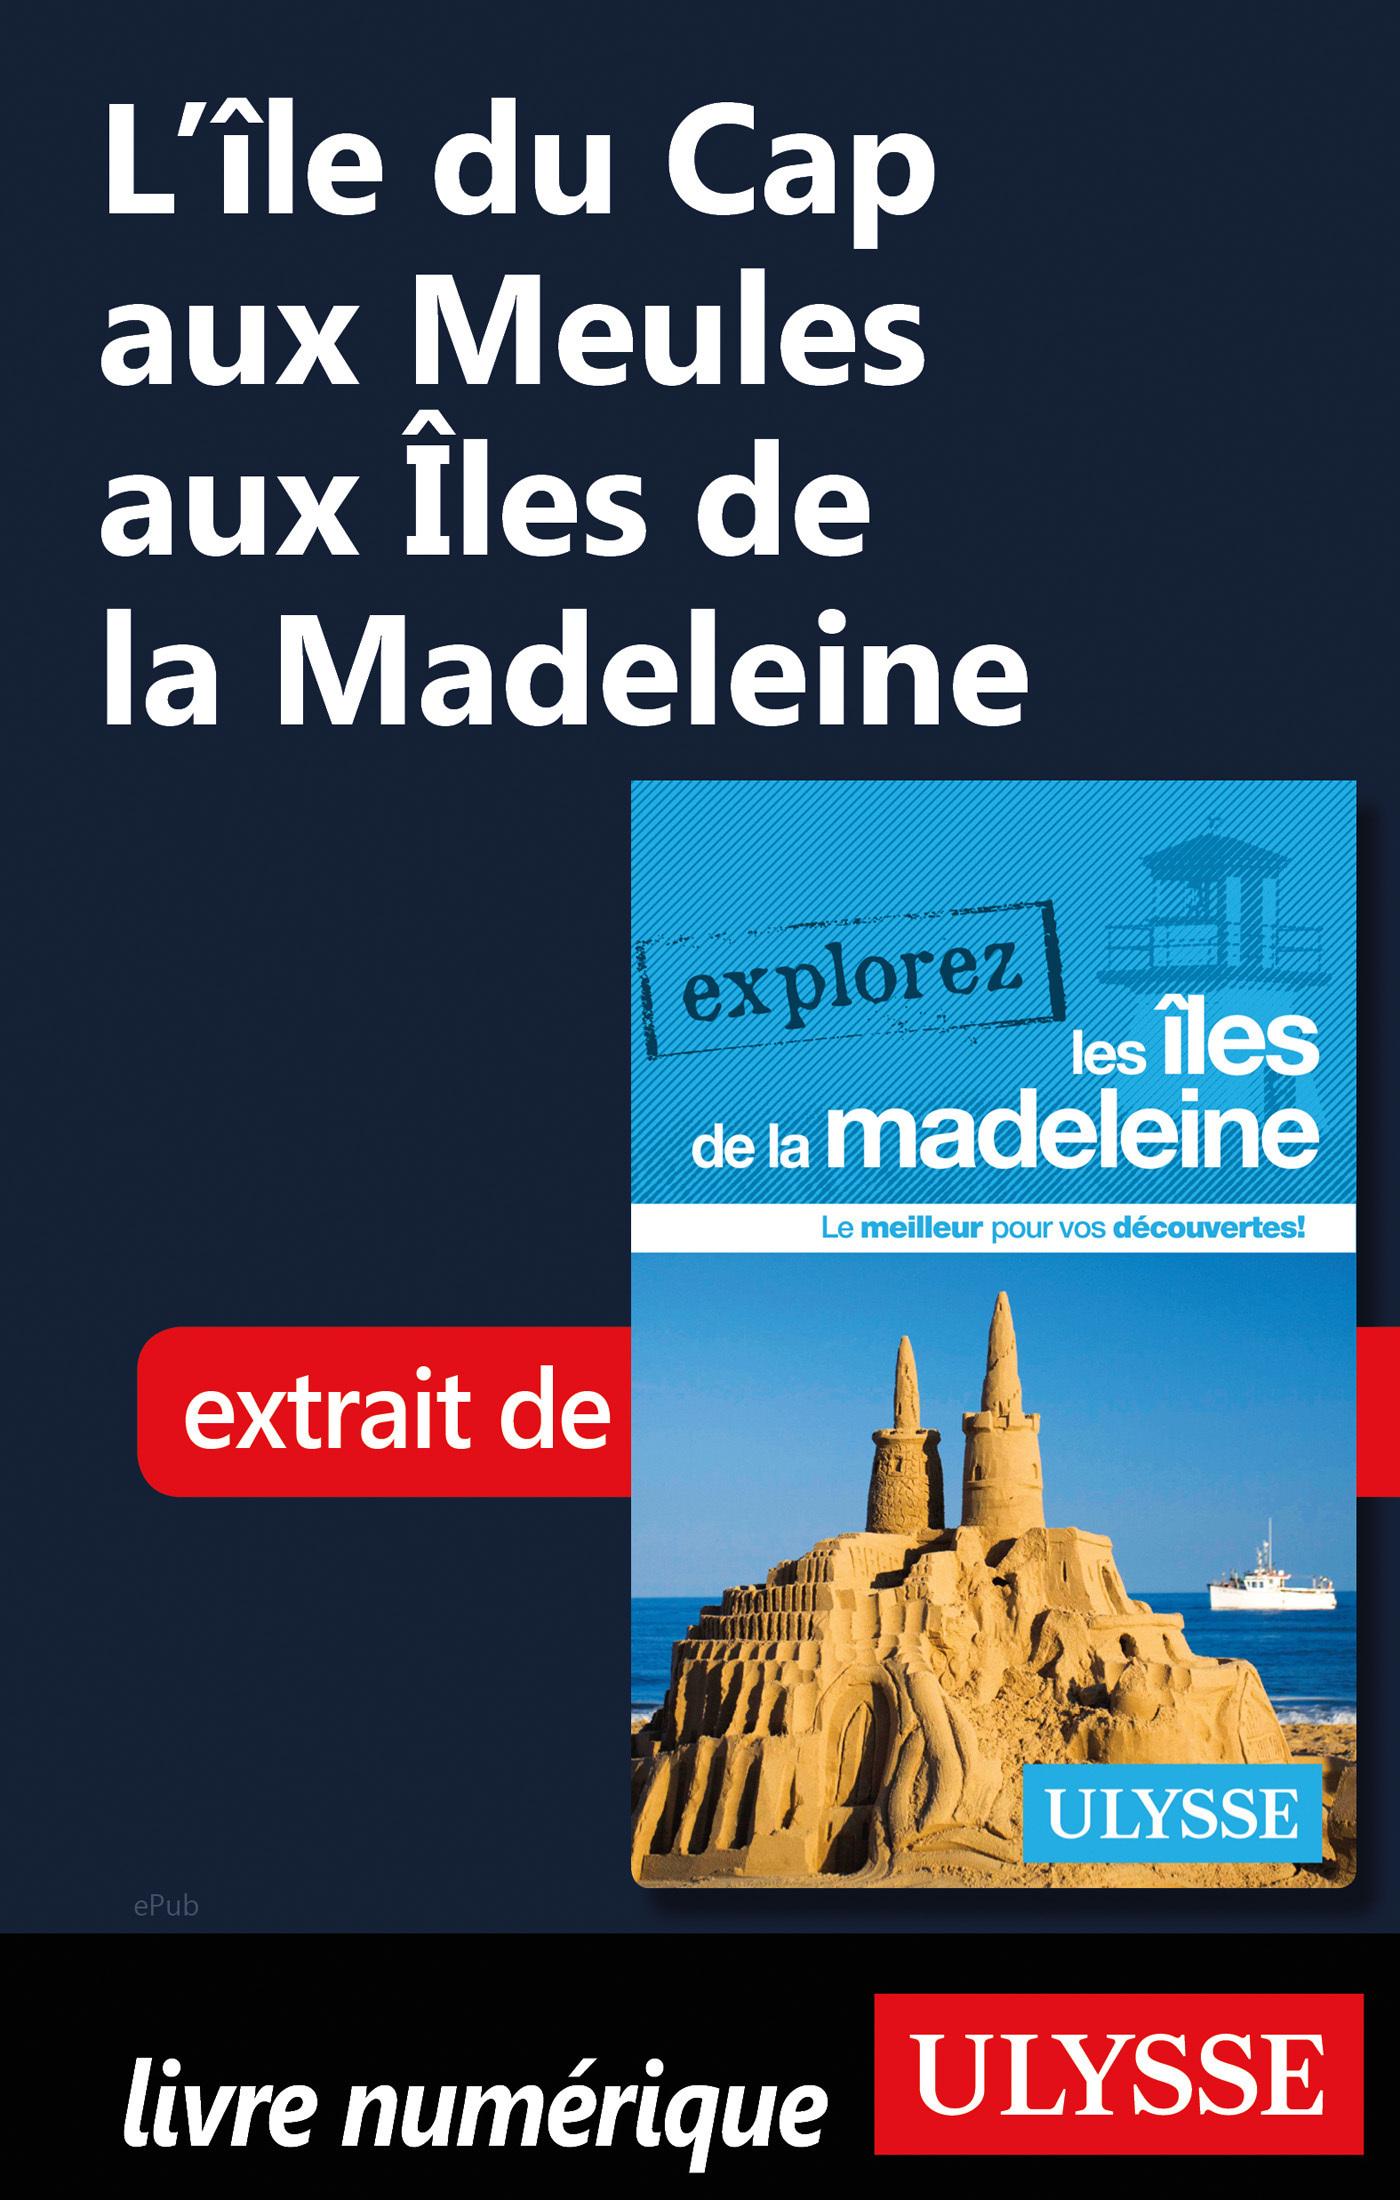 L'île du Cap aux Meules aux Iles de la Madeleine